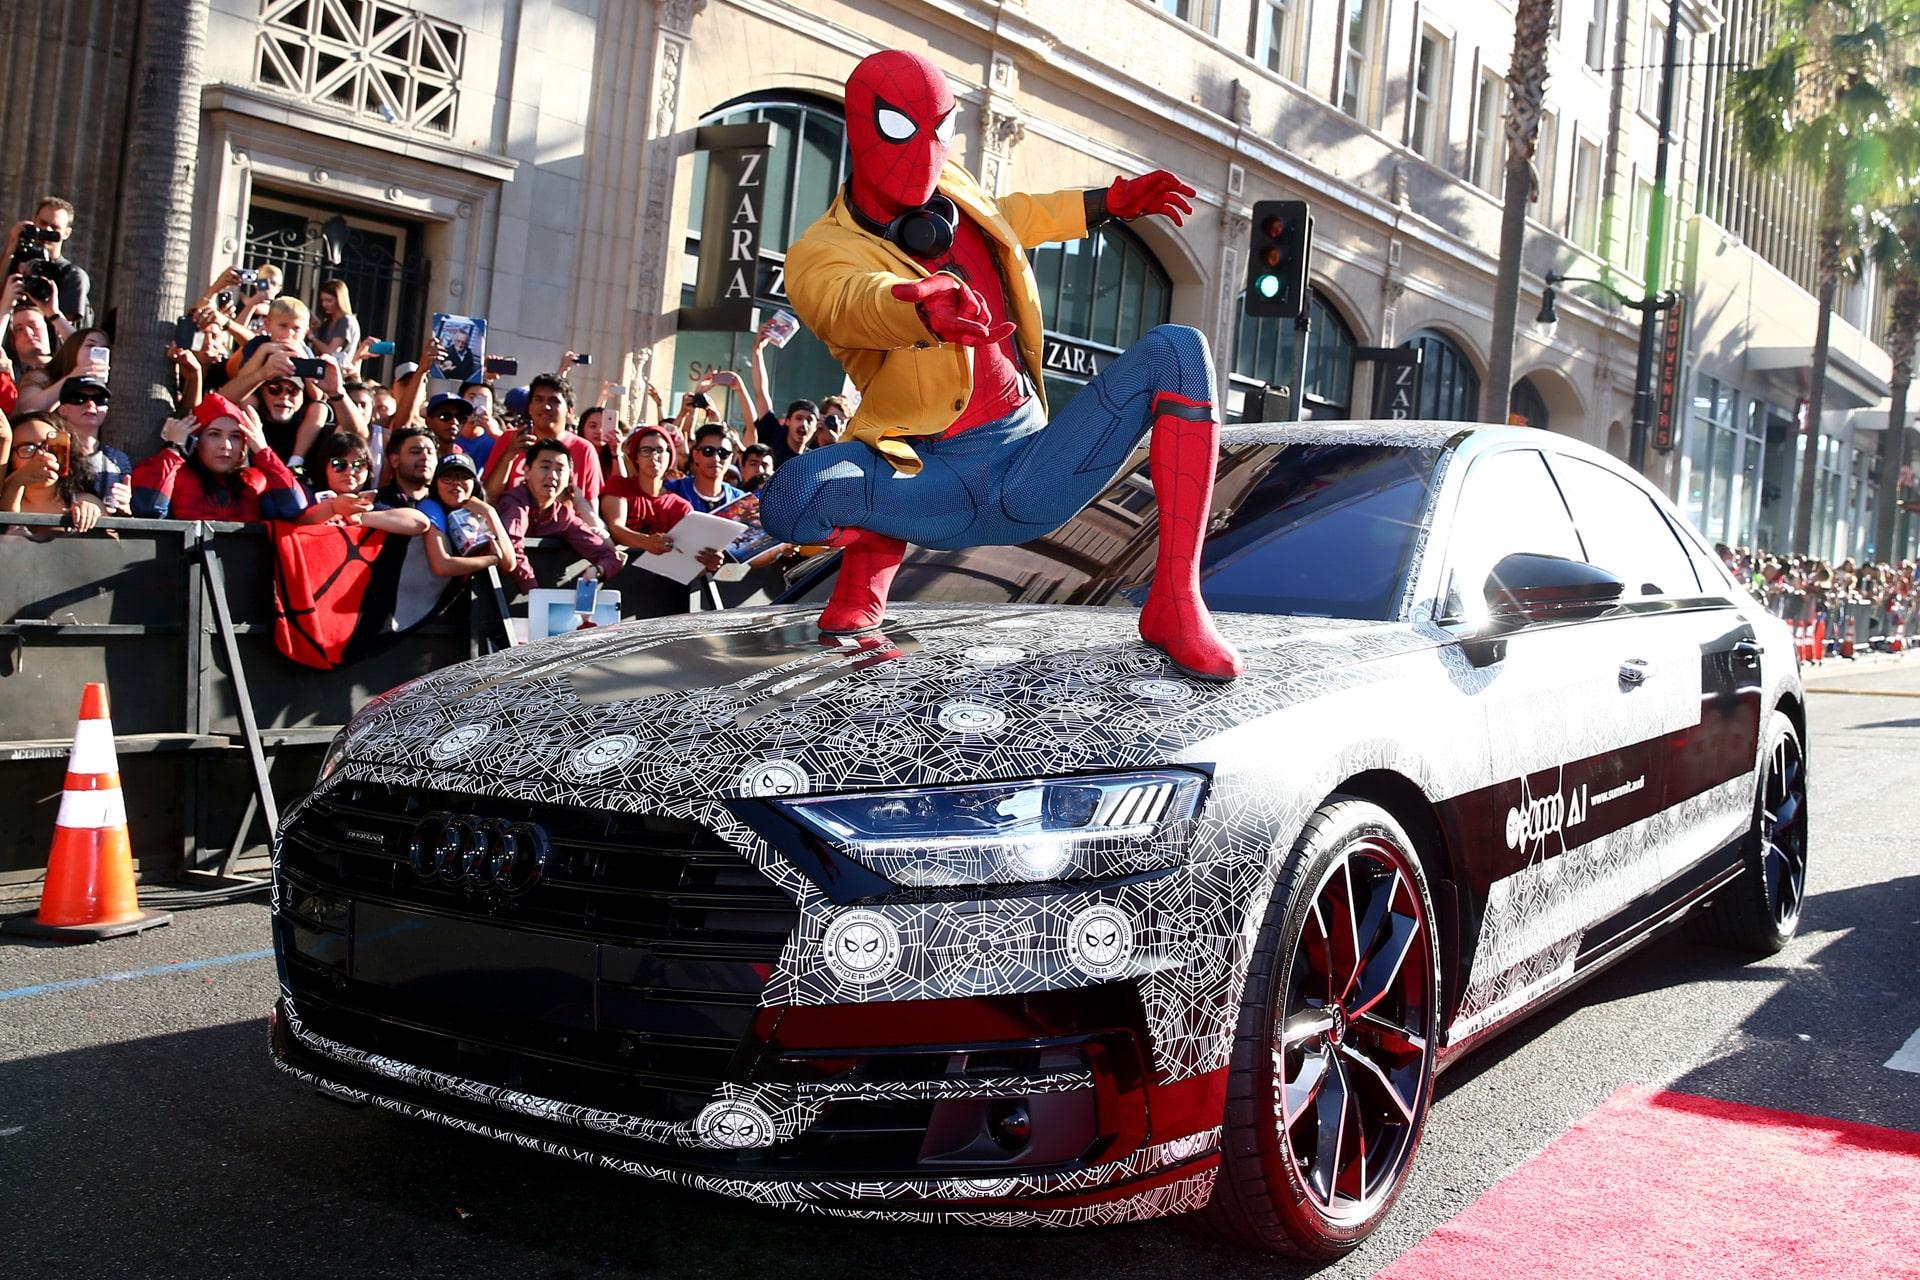 Tom Holland, predstaviteľ Spider-Mana v MCU na premiéru filmu Spider-Man: Homecoming prišiel vo svojom kostýme!